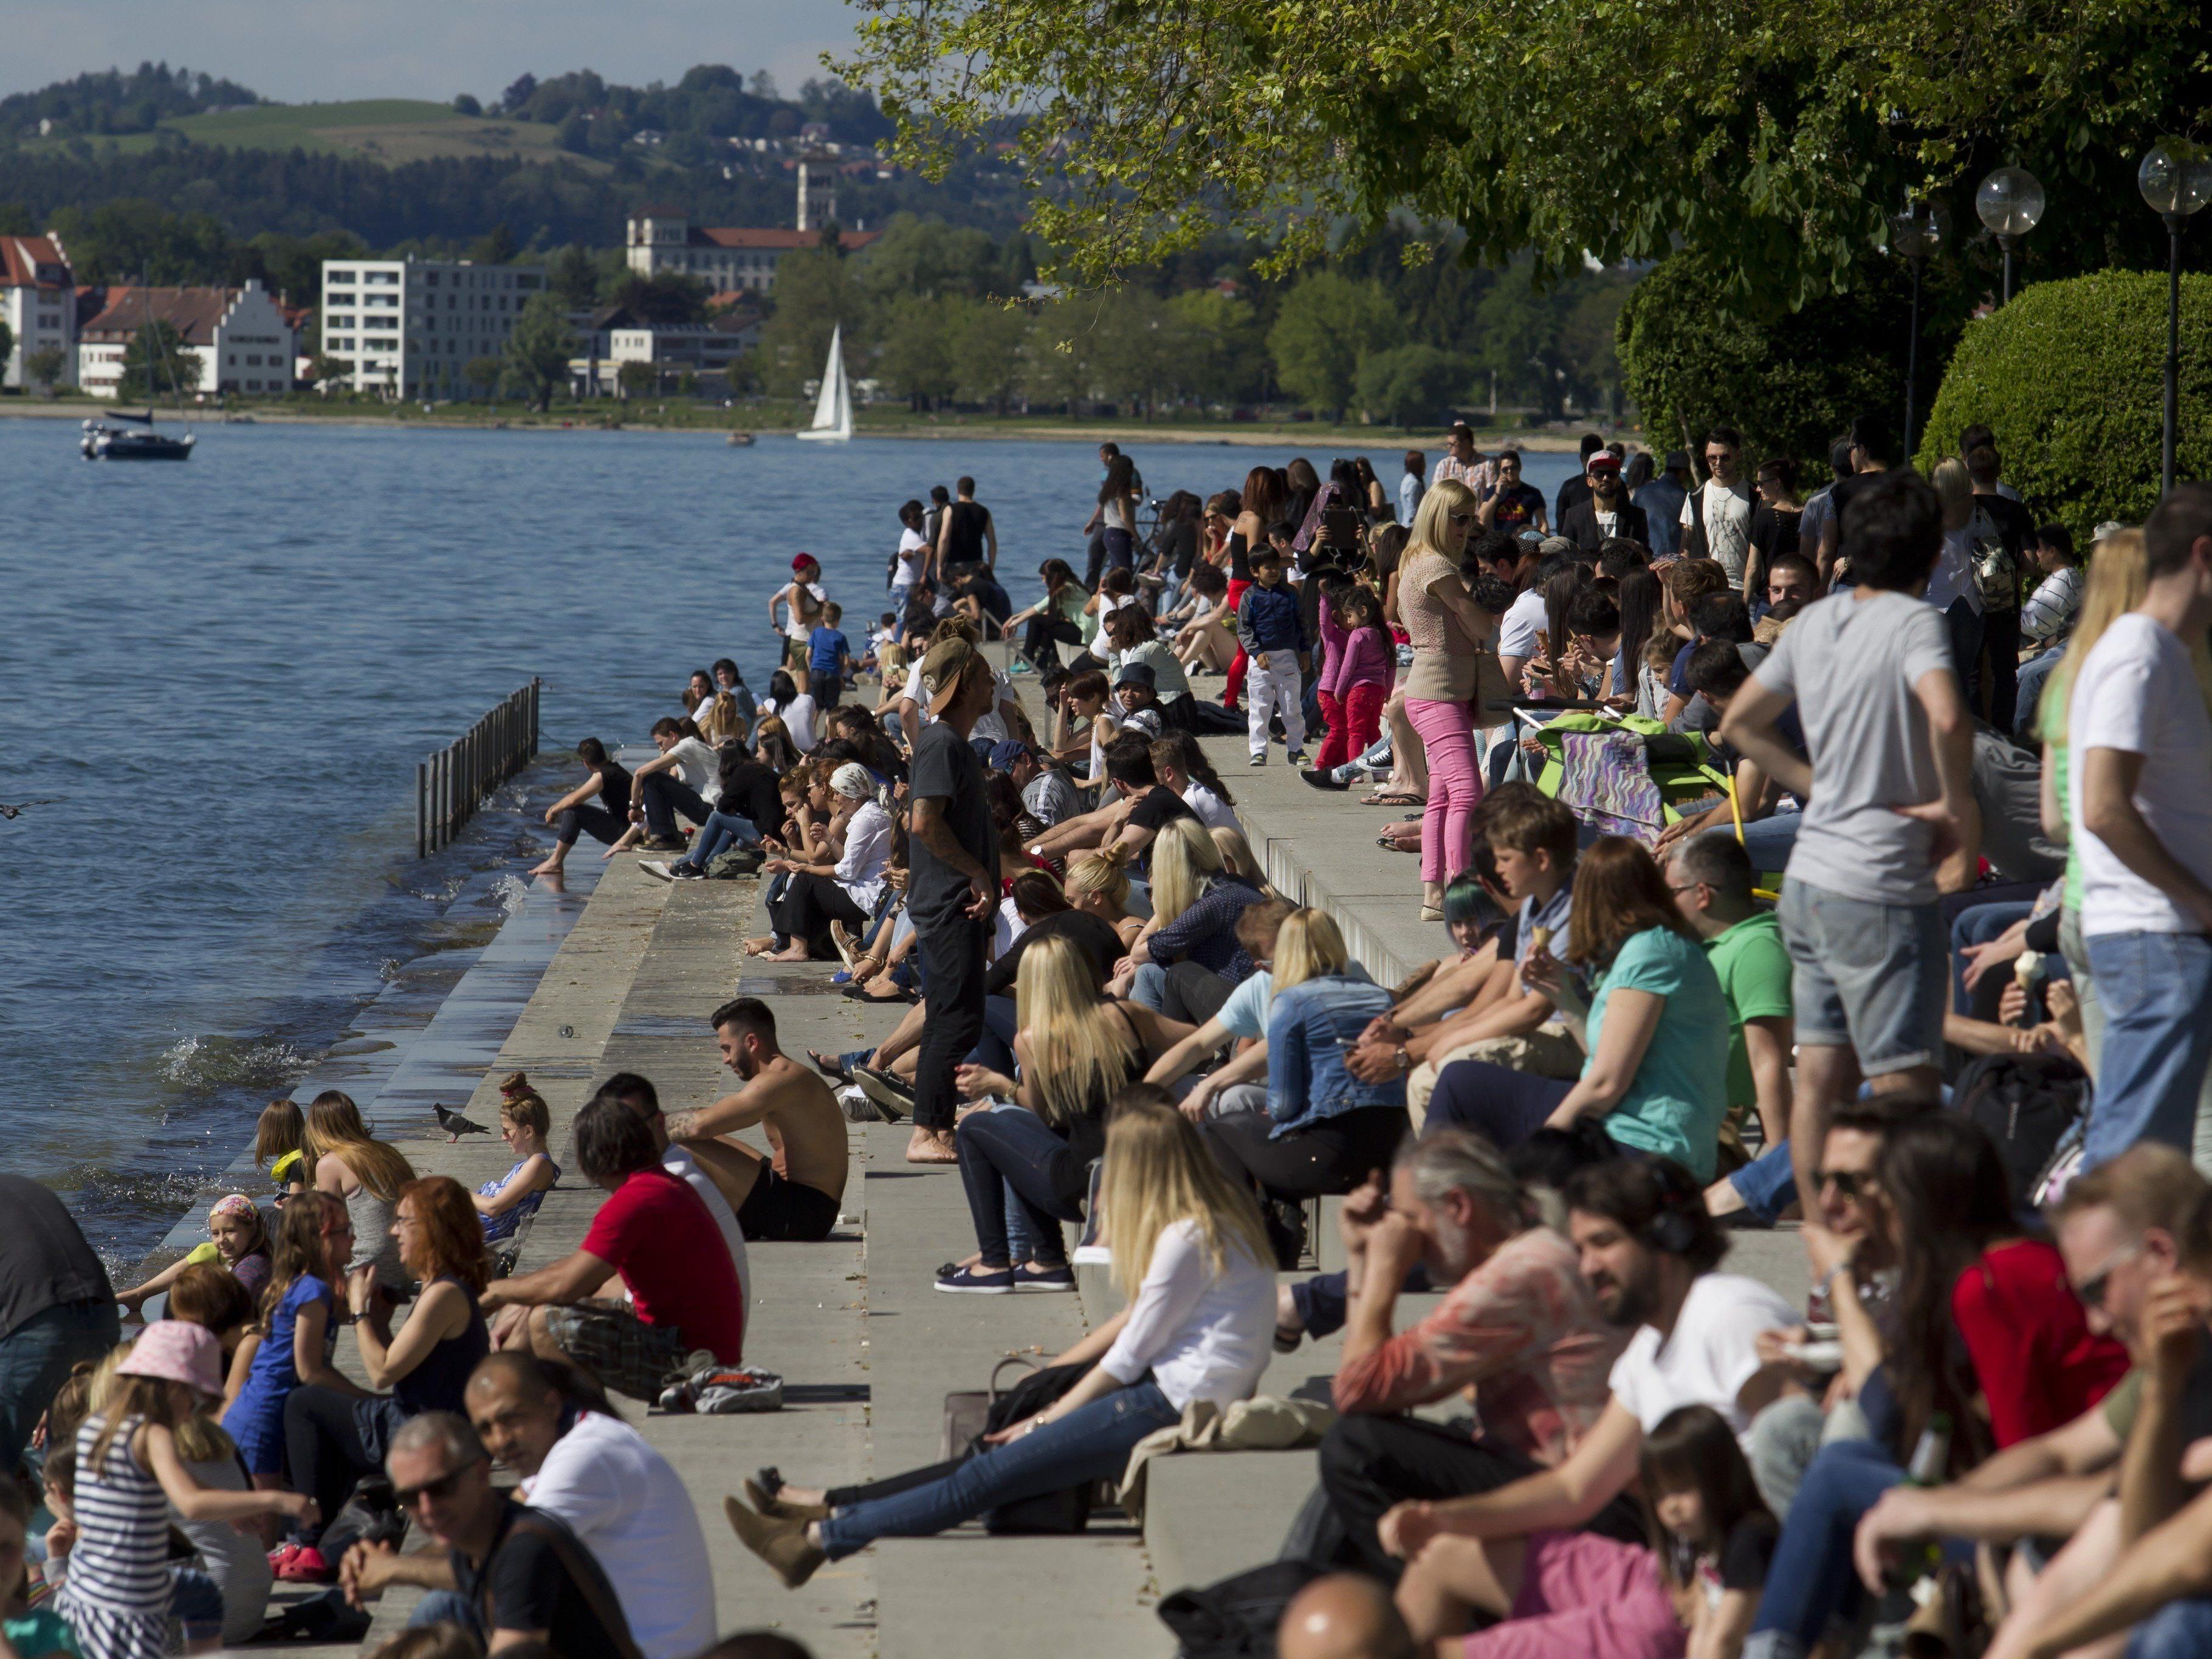 Aktuelle Statistik: Mit Ende Juni wurden in Vorarlberg 377.845 Einwohner gezählt.